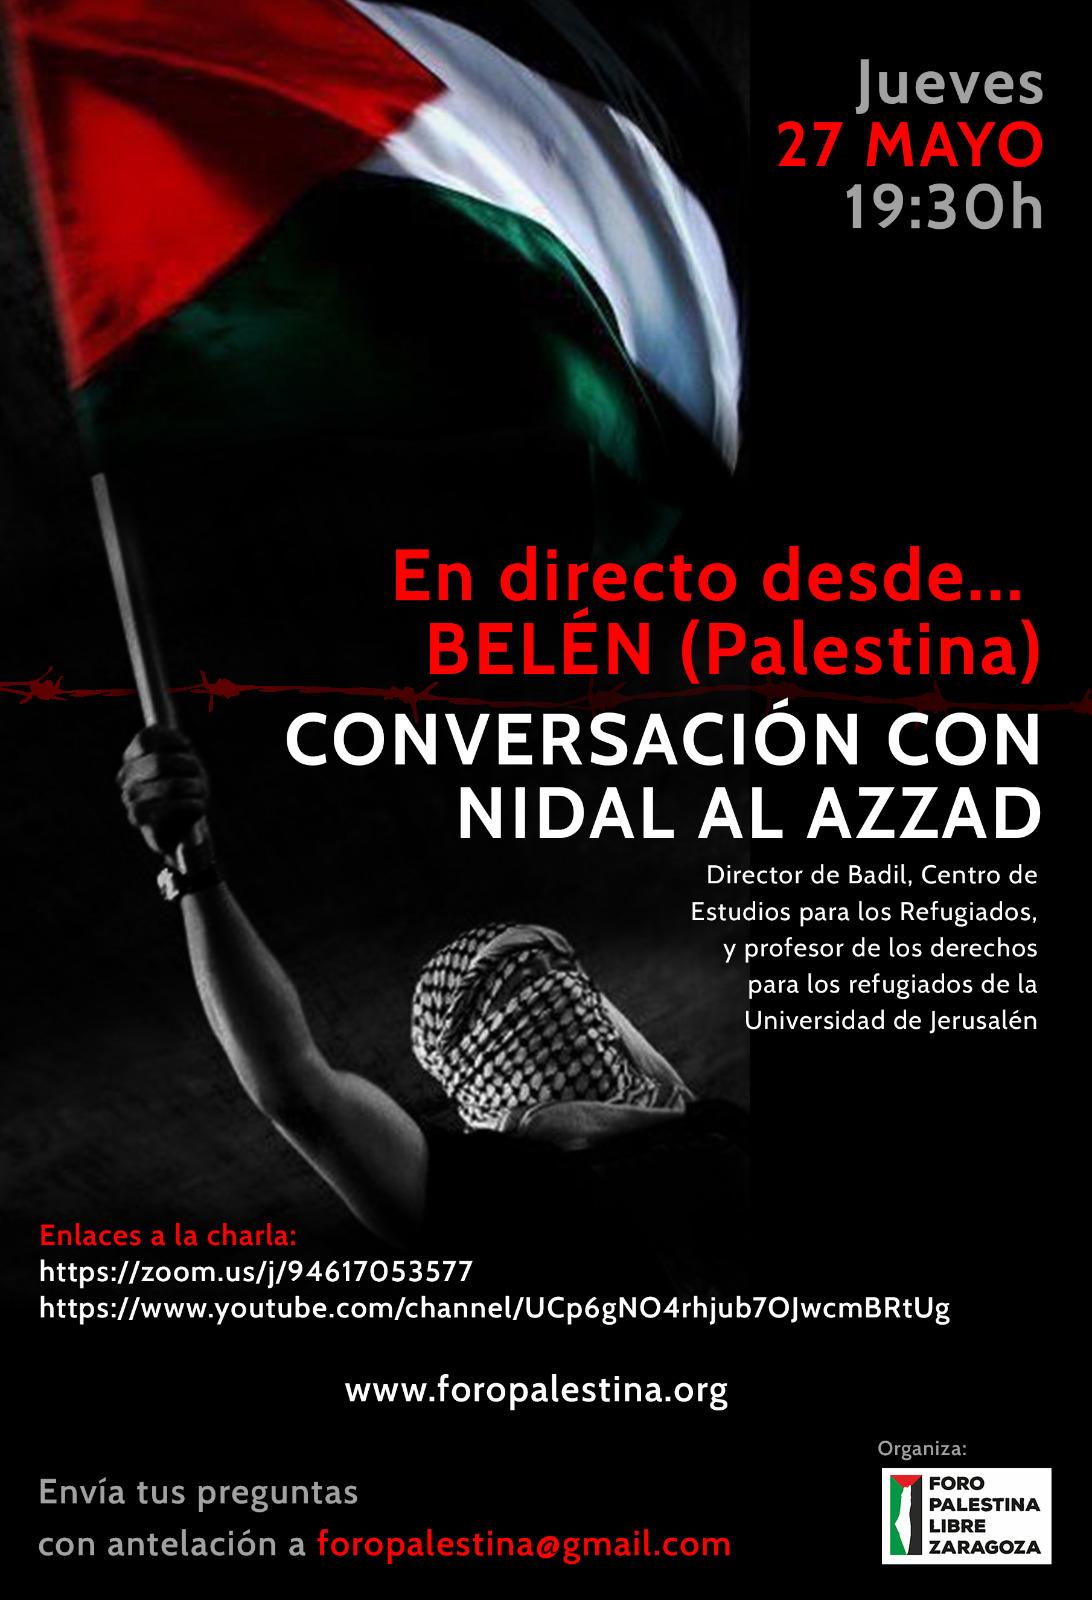 En directo desde Belén, Palestina